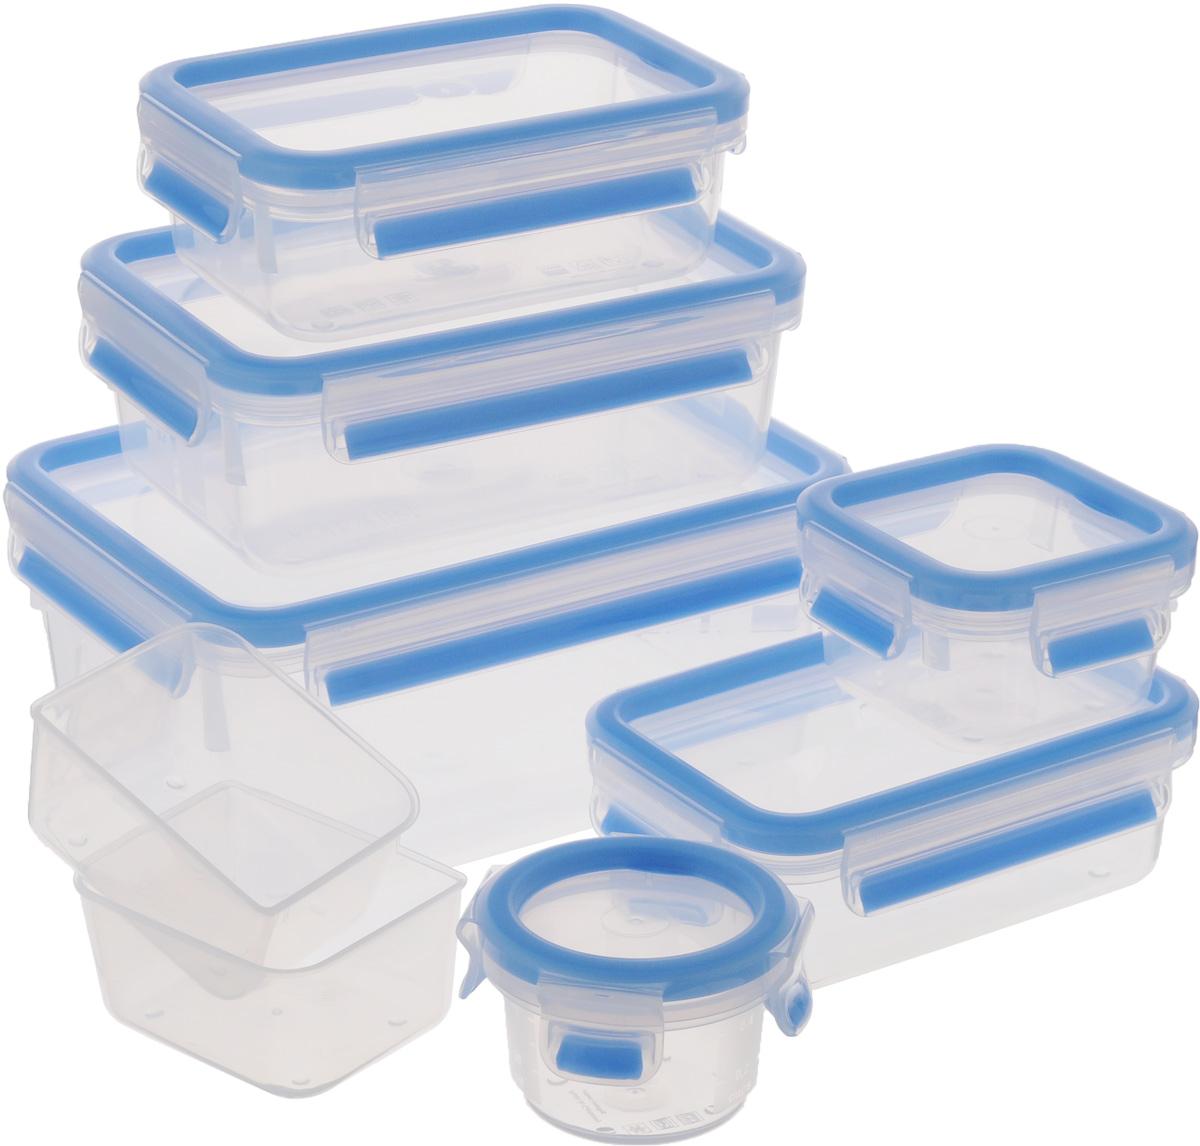 Набор контейнеров Emsa Clip&Close, 7 предметов515562Набор Emsa Clip&Close состоит из 6 контейнеров разного объема и 2 небольших емкостей. Предметы набора изготовлены из высококачественного пищевого пластика, который выдерживает температуру от -40°С до +110°С, не впитывает запахи и не изменяет цвет. Контейнеры снабжены крышками, закрывающимися по бокам на 4 защелки. Герметичность достигается за счет специальных силиконовых уплотнителей, которые позволяют использовать контейнер для хранения не только пищи, но и напитков. В таком контейнере продукты долгое время сохраняют свою свежесть. Прозрачные стенки позволяют просматривать содержимое. Сбоку имеются отметки литража. Изделия подходят для домашнего использования, для пикников, поездок, такие контейнеры удобно брать с собой на работу или учебу. Можно использовать в СВЧ-печах, холодильниках, посудомоечных машинах, морозильных камерах. Объем контейнеров: 2,3 л; 1 л; 0,55 л; 0,55 л; 0,25 л; 0,15 л. Размер контейнеров (без учета крышек): 22 х 16 х 9,5 см; 18,5 х 13 х 6,5 см; 15,5 х 10,5 х 5,3 см; 9,5 х 9,5 х 5 см; 8 х 8 х 5,2 см.Размер емкости: 9 х 7 х 4,5 см.